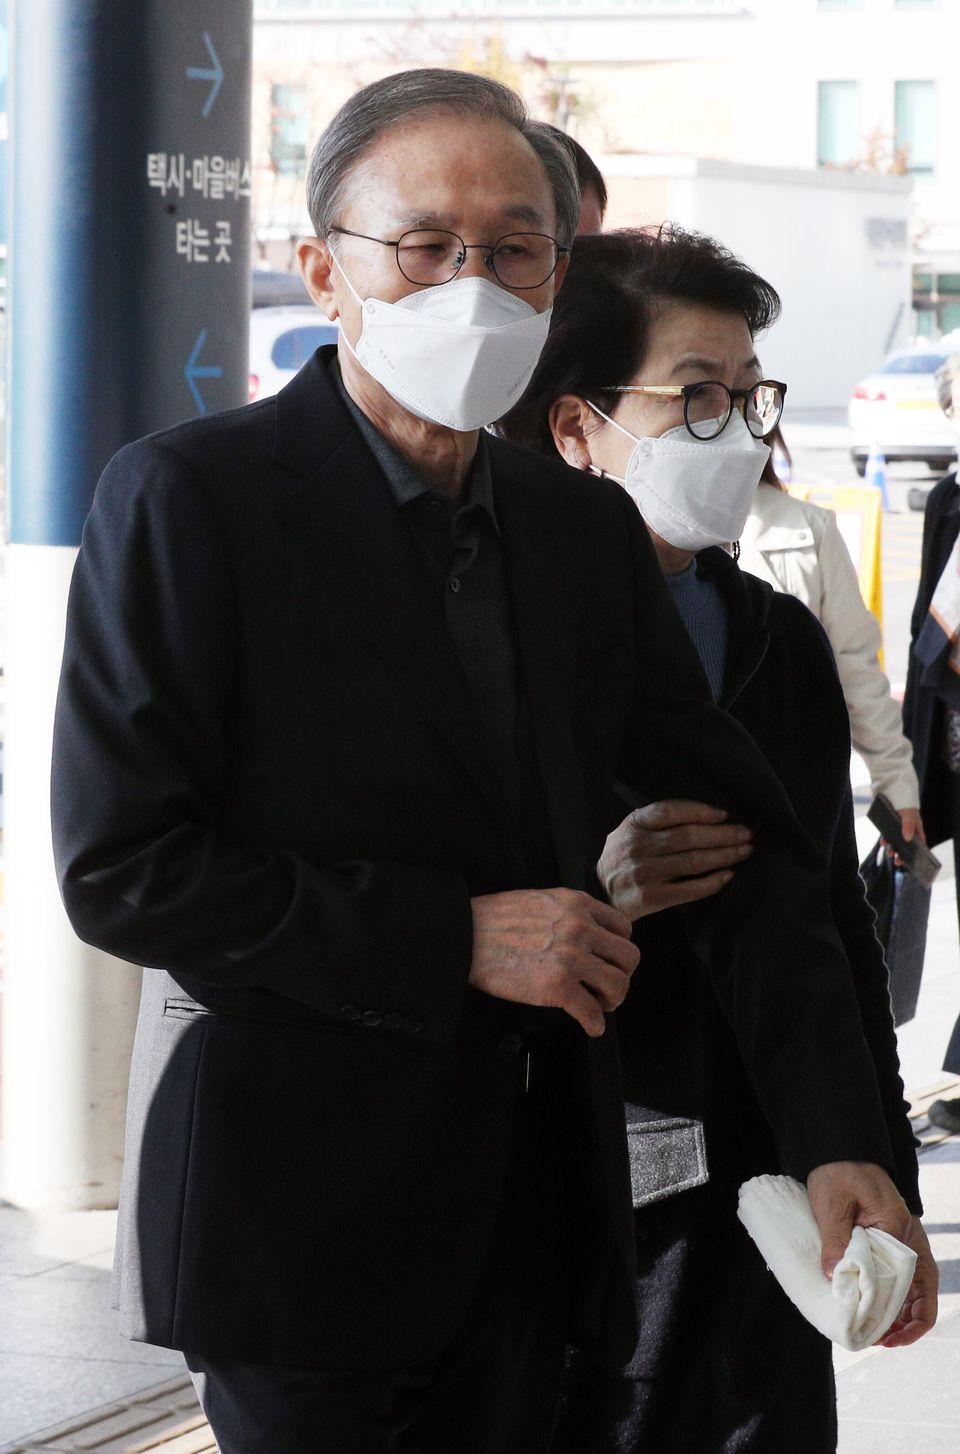 서울 종로구 서울대병원에 도착한 이명박 전 대통령. 김윤옥 여사의 모습도 보인다.